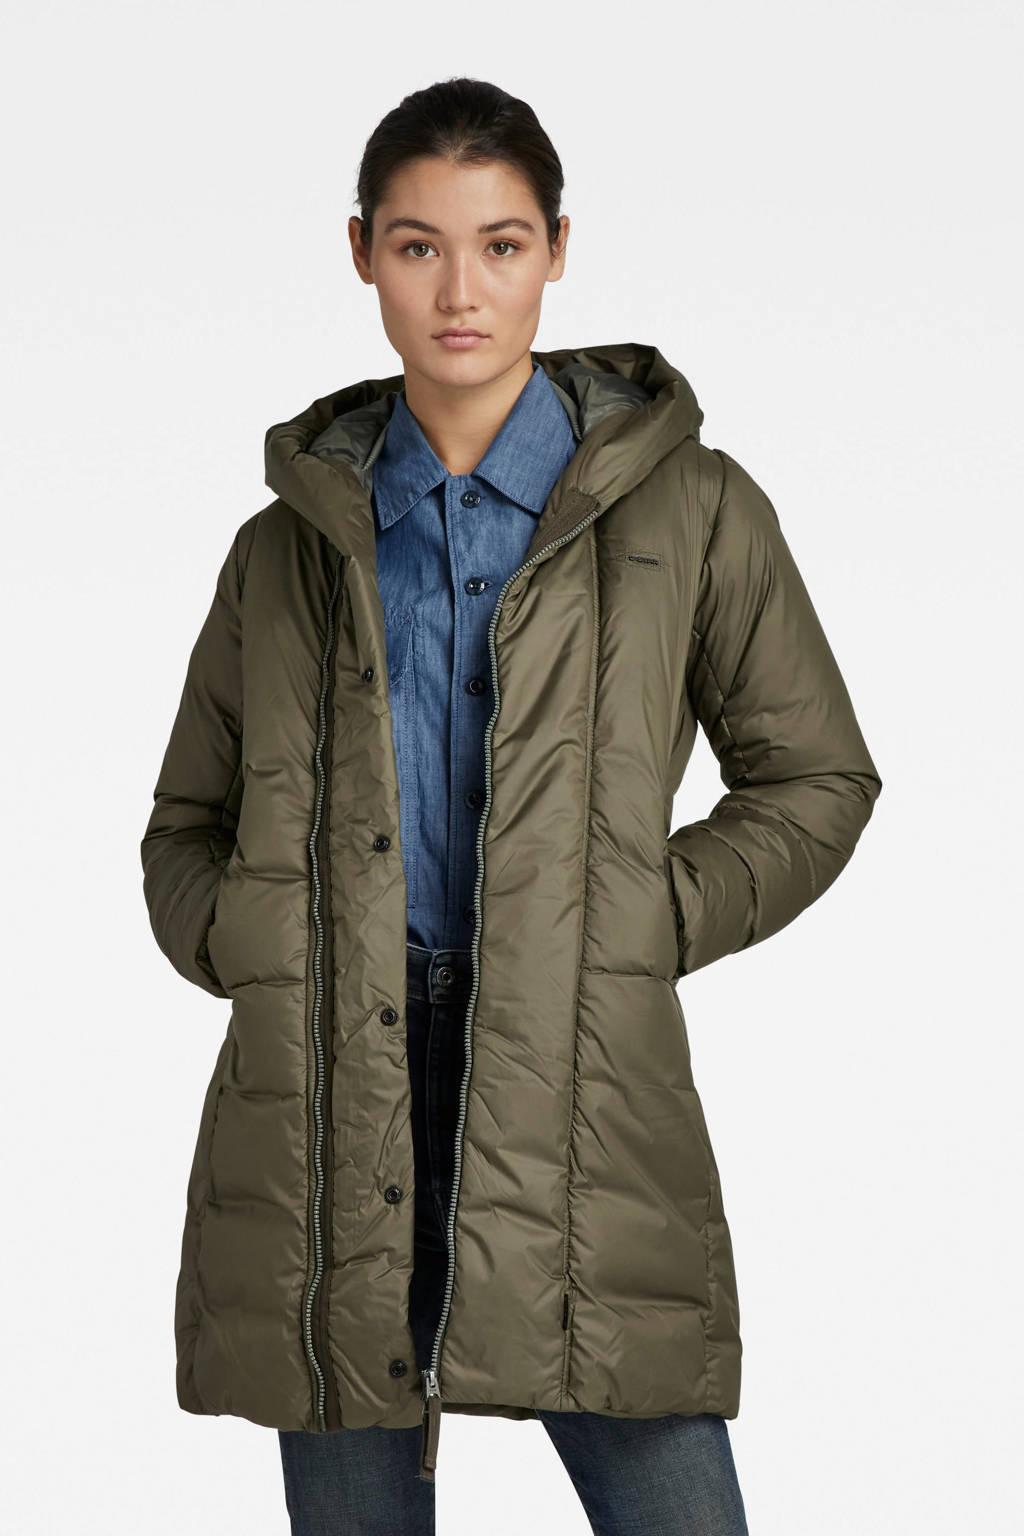 G-Star RAW gewatteerde winterjas G - Whistler van gerecycled polyester donkergroen, Donkergroen